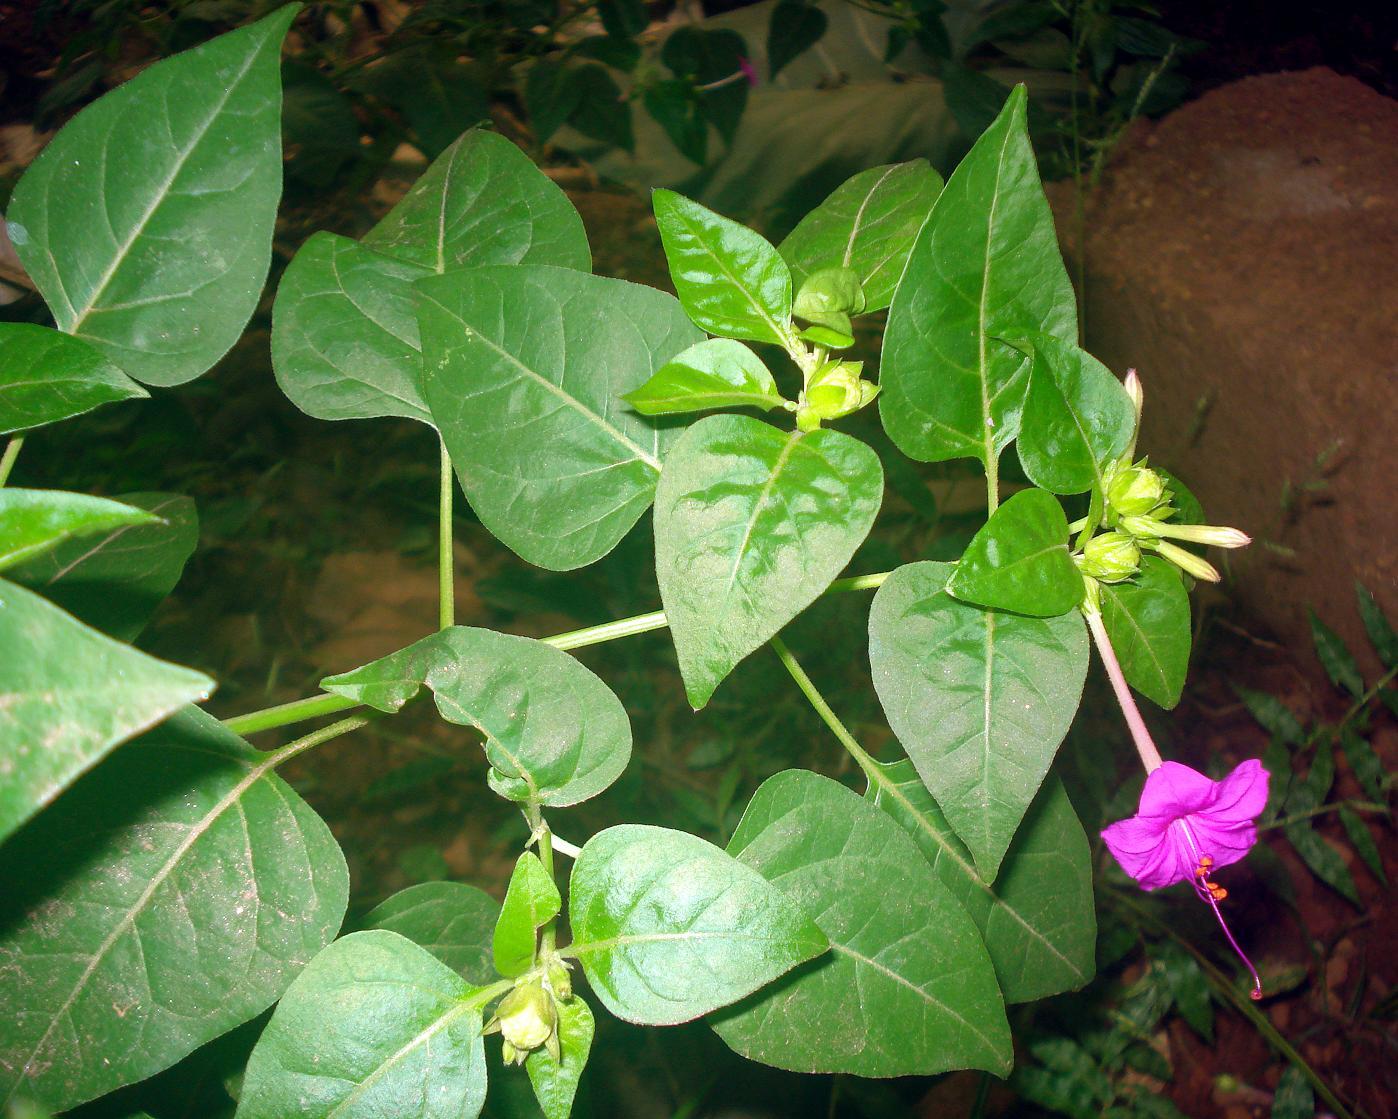 Belle de nuit d finition c 39 est quoi - Belle de nuit plante ...